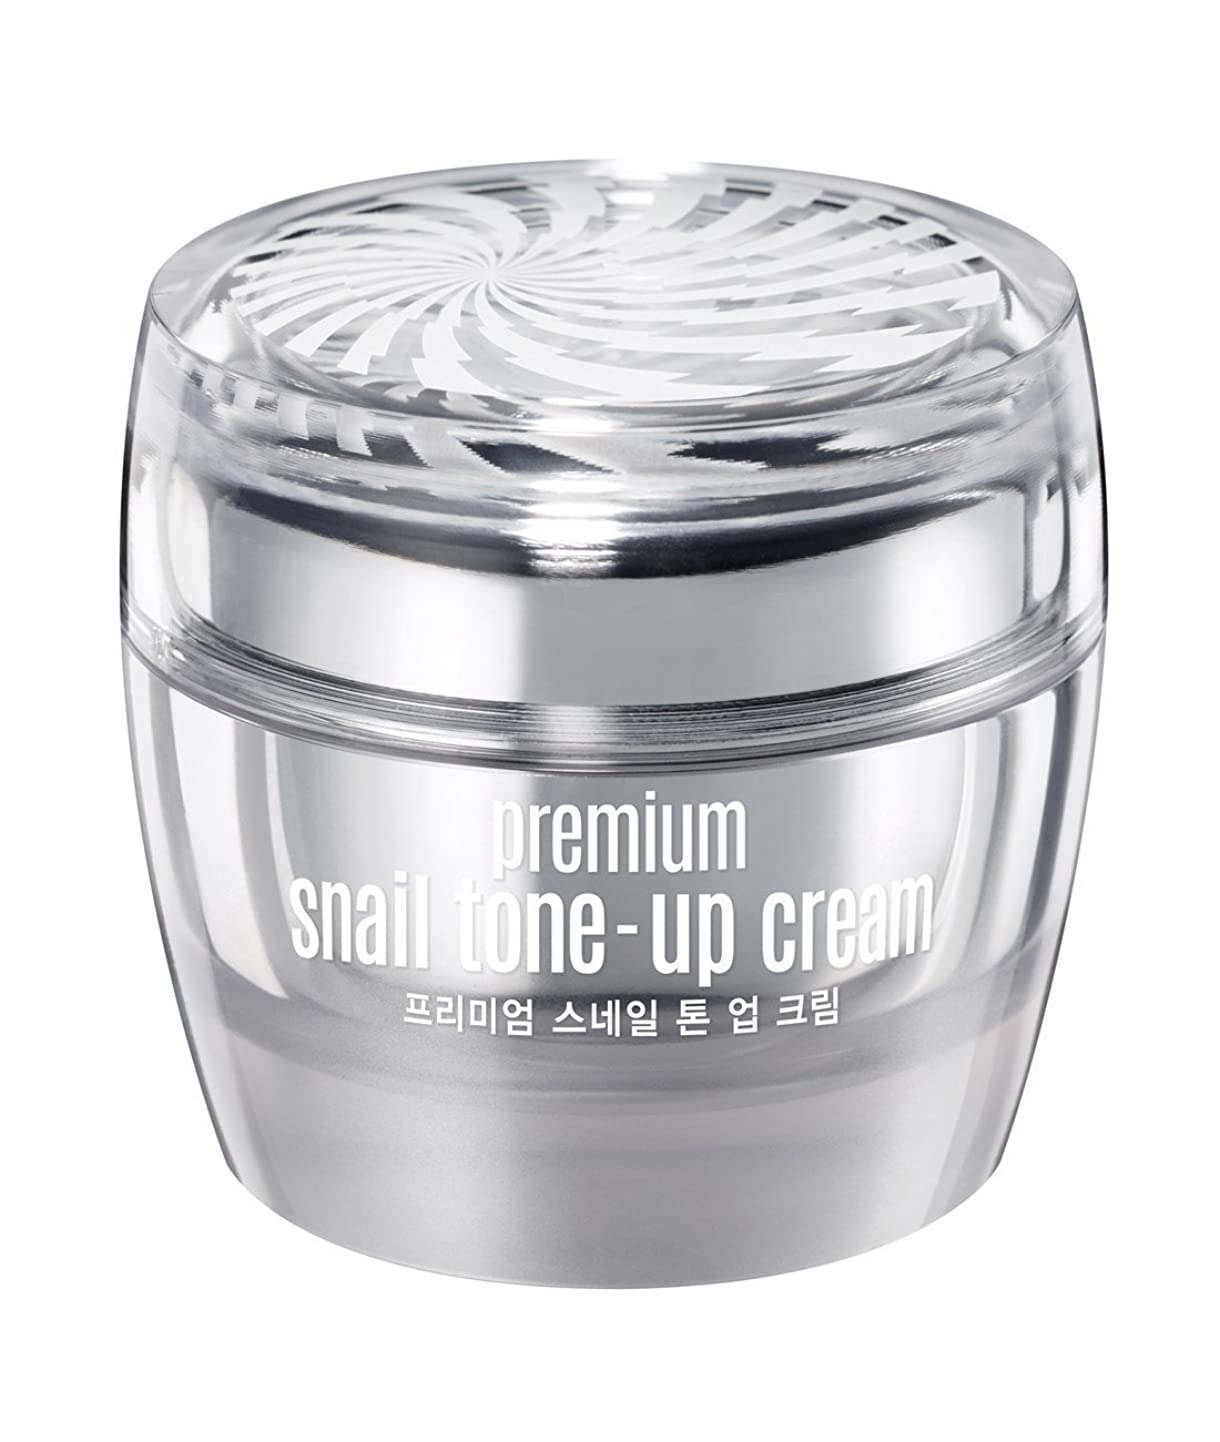 離れた付与兵隊Goodal Premium Snail Tone Up Whitening Cream 50ml プレミアムカタツムリトーンアップクリーム